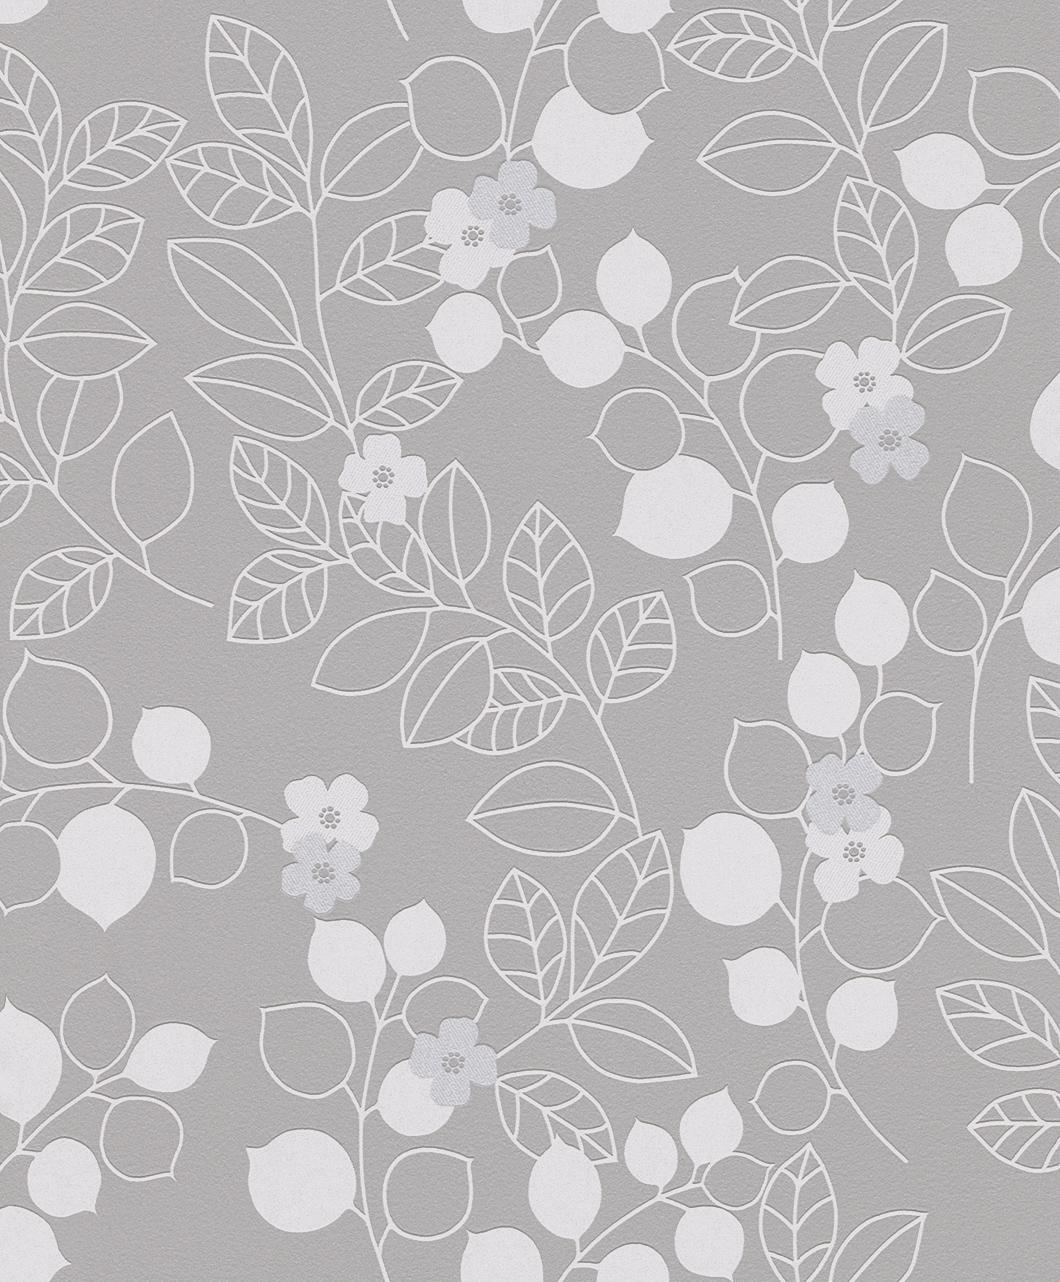 Tapeta na zeď Rasch Shiny Chic 309911 | 0,53 x 10,05 m (Vinylová tapeta - šedá, stříbrná)